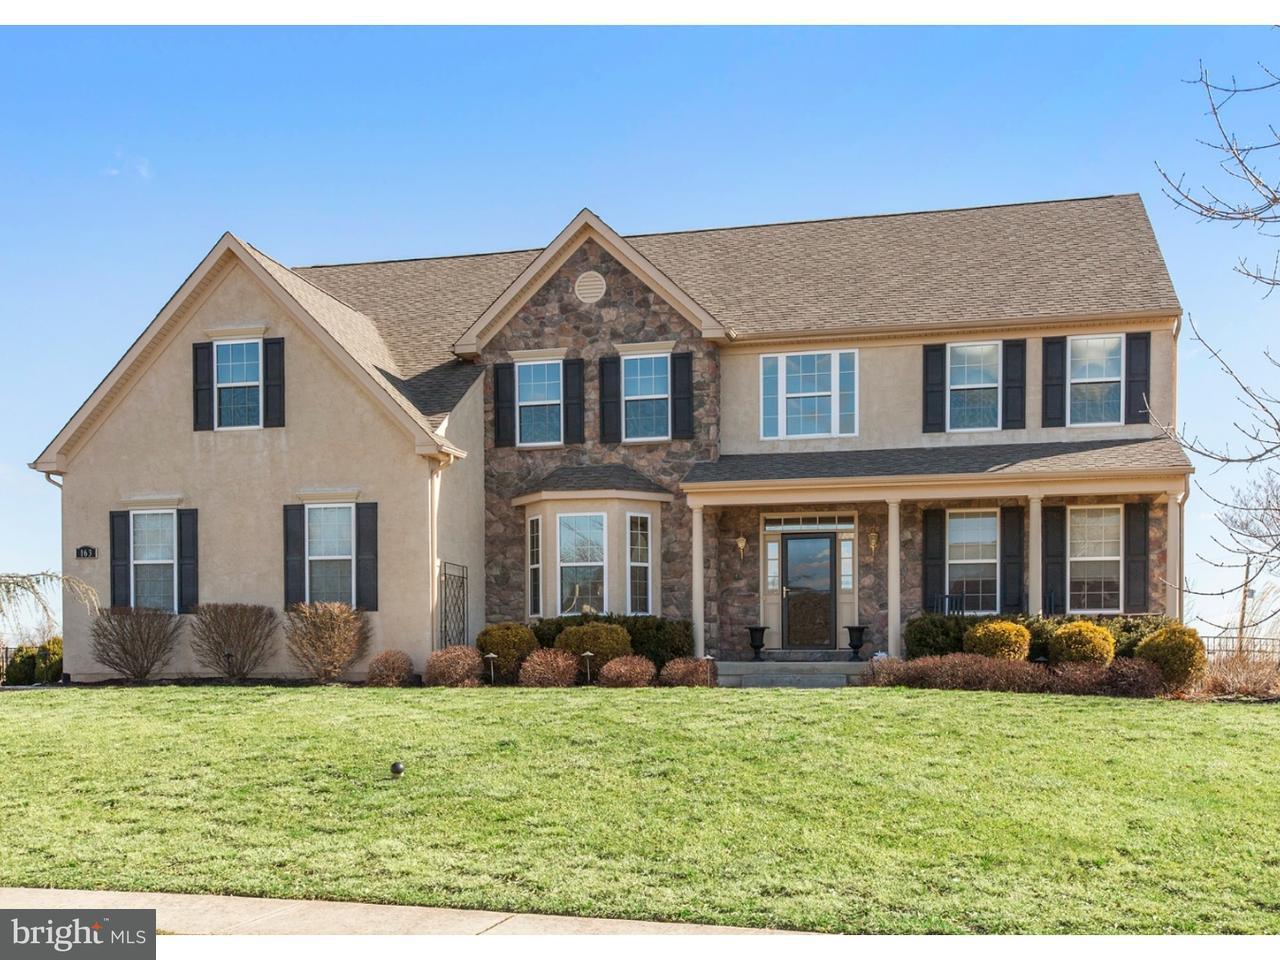 Частный односемейный дом для того Продажа на 163 WENTWORTH Circle Royersford, Пенсильвания 19468 Соединенные Штаты